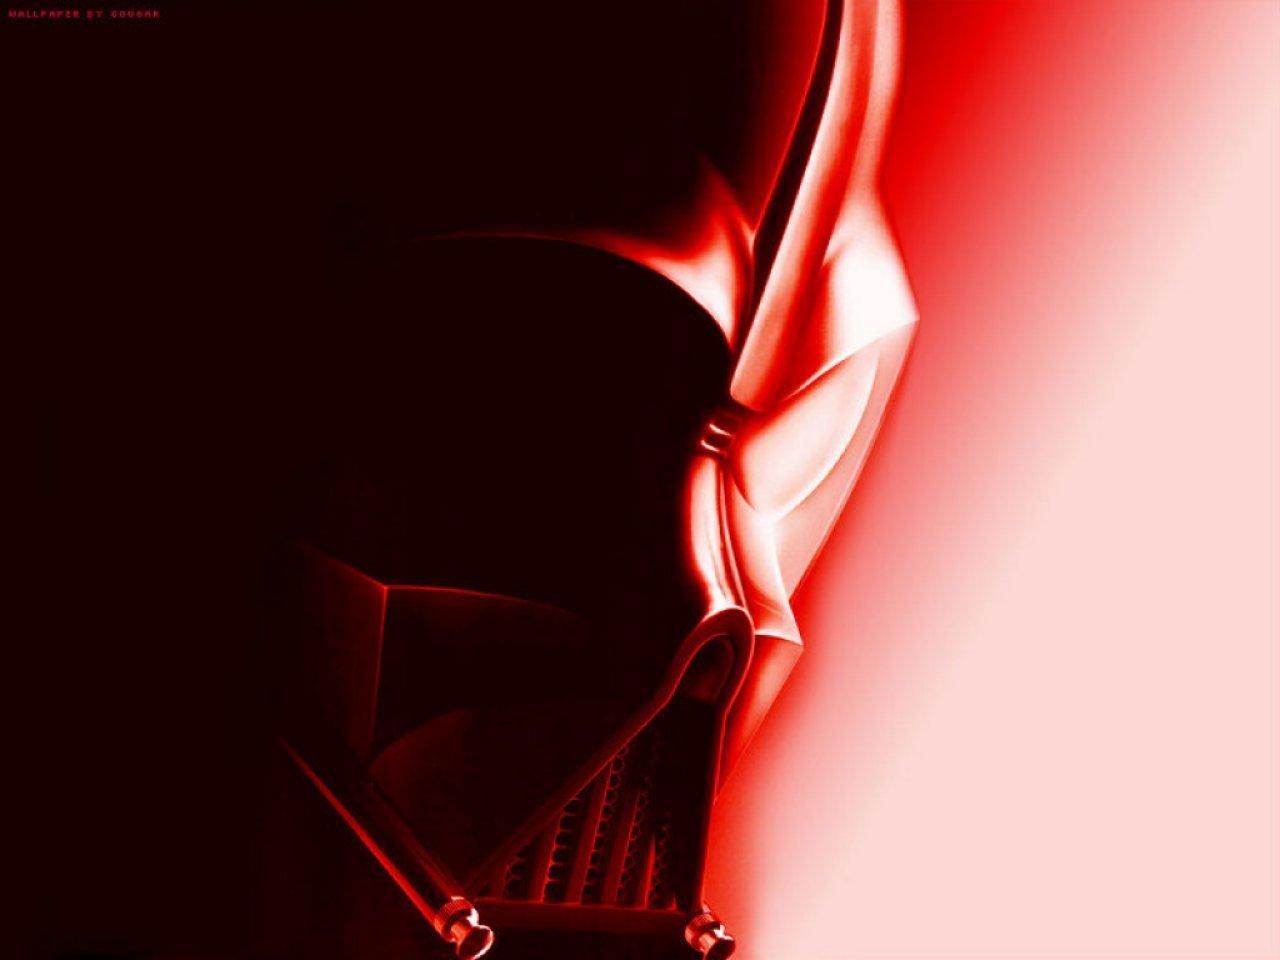 Darth Vader   Darth Vader Wallpaper 6696130 1280x960